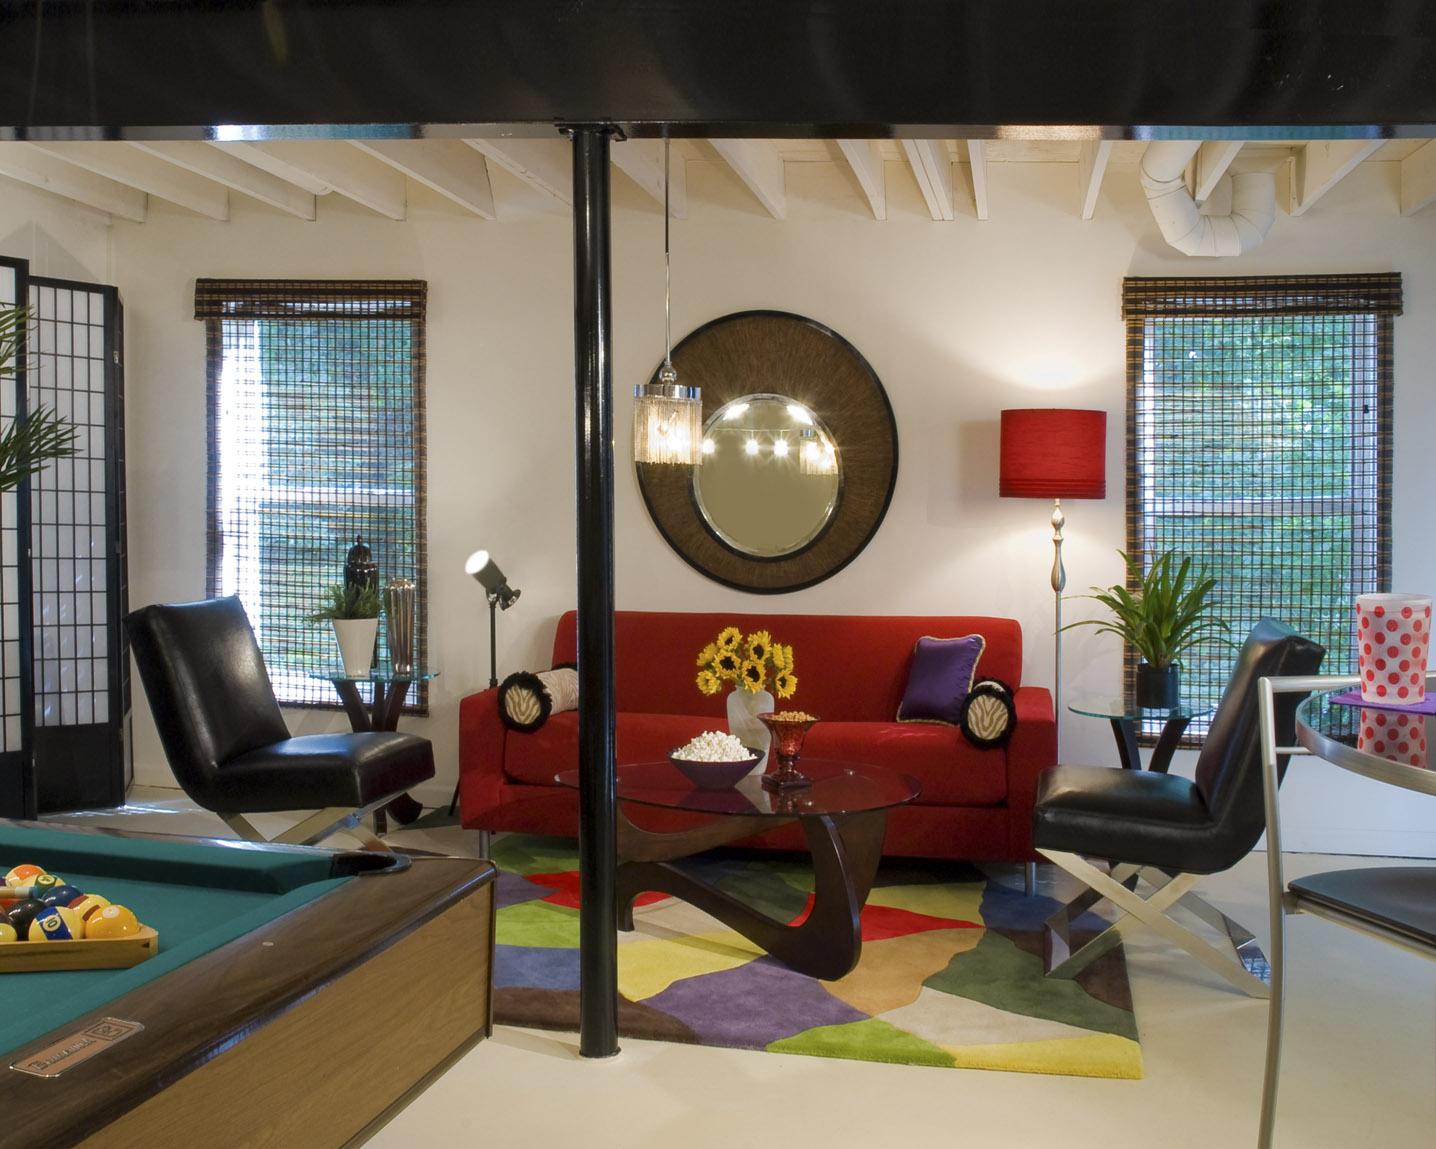 Den interior for Den interior design